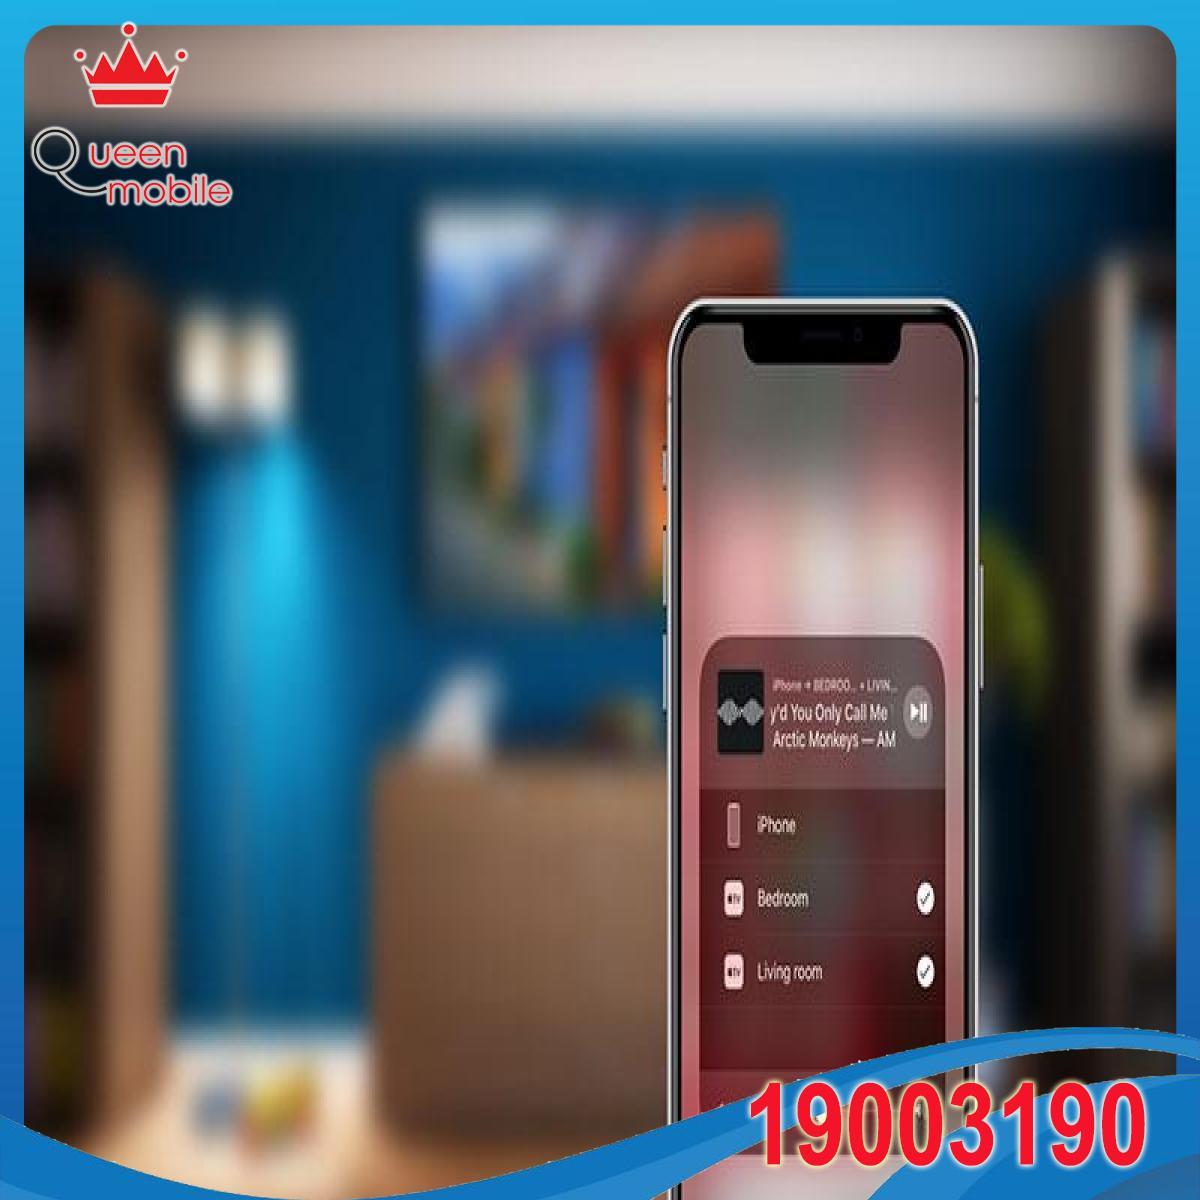 IOS 11.4 mang lại tính năng AirPlay 2, Tin nhắn trong iCloud, kết nối stereo cho HomePod